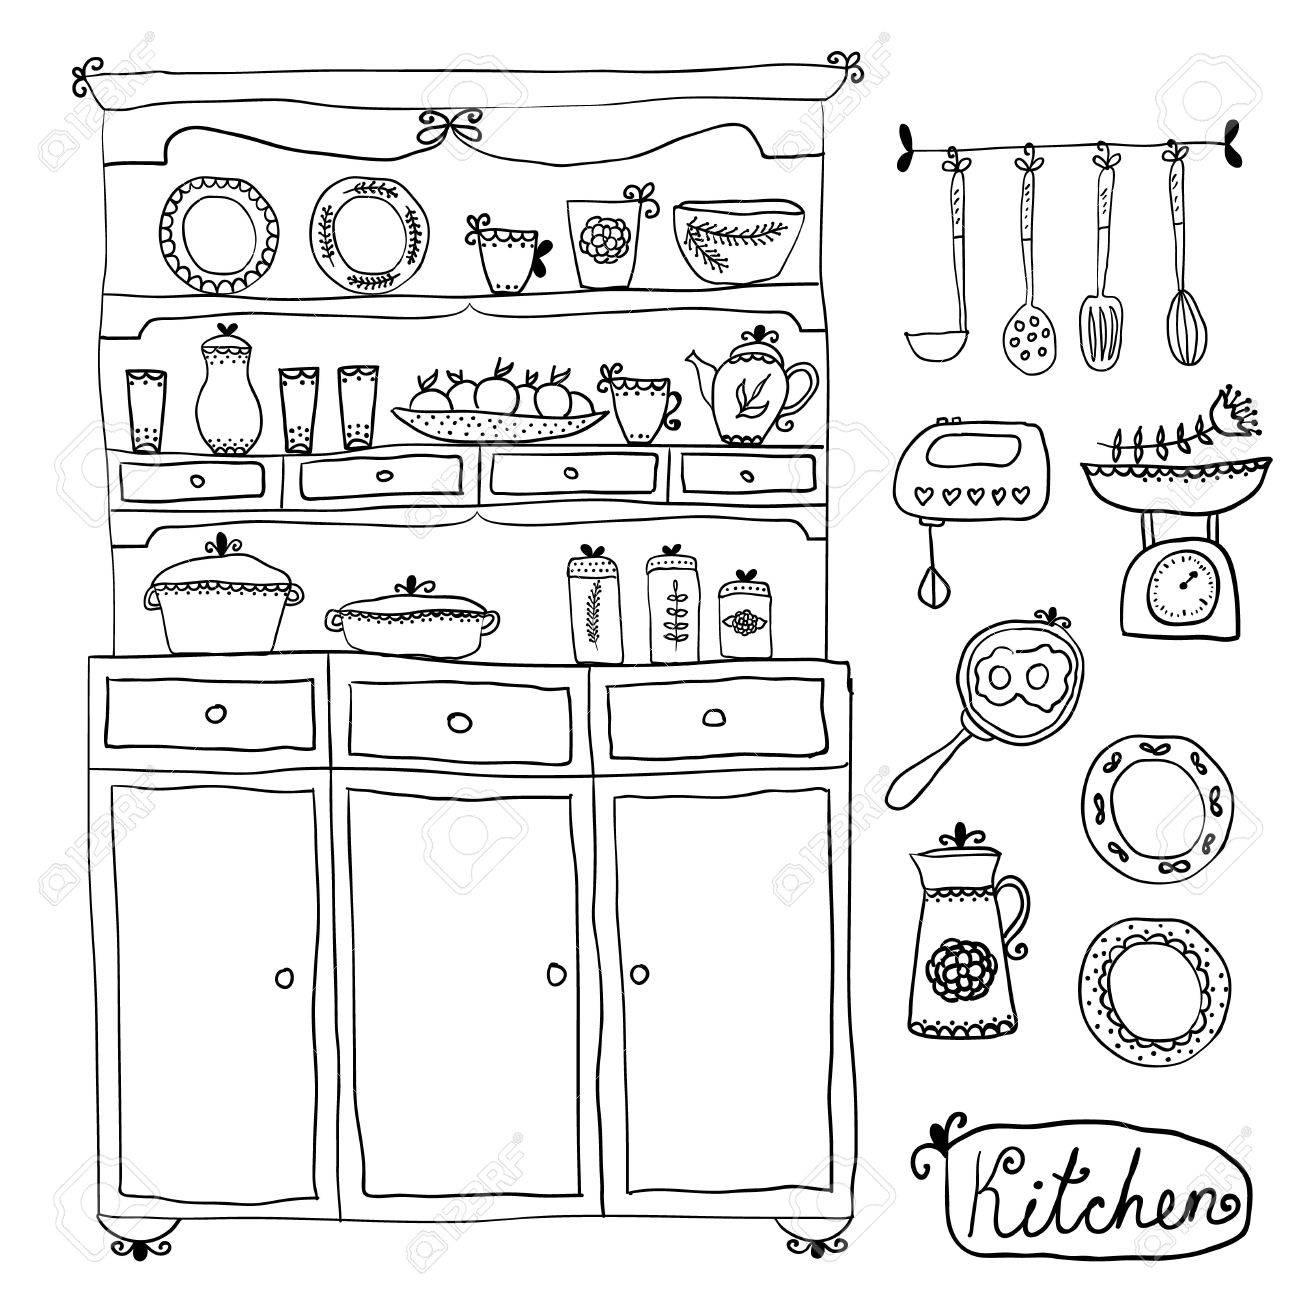 Küche Im Vektor Gesetzt. Design-Elemente: Küchenschrank ...